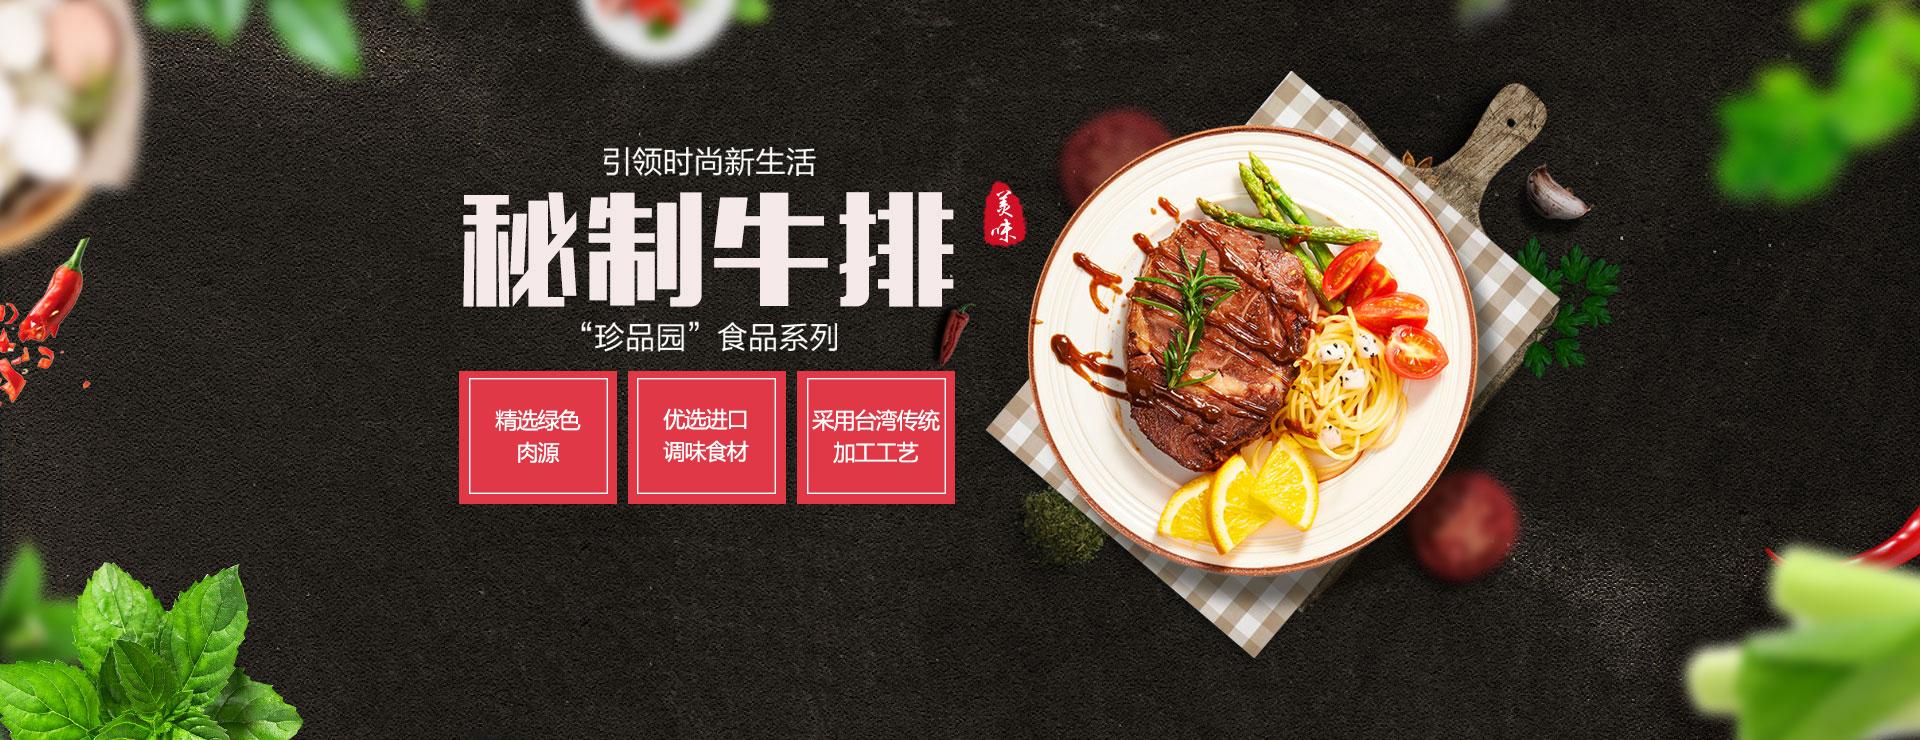 台湾烤肠批发